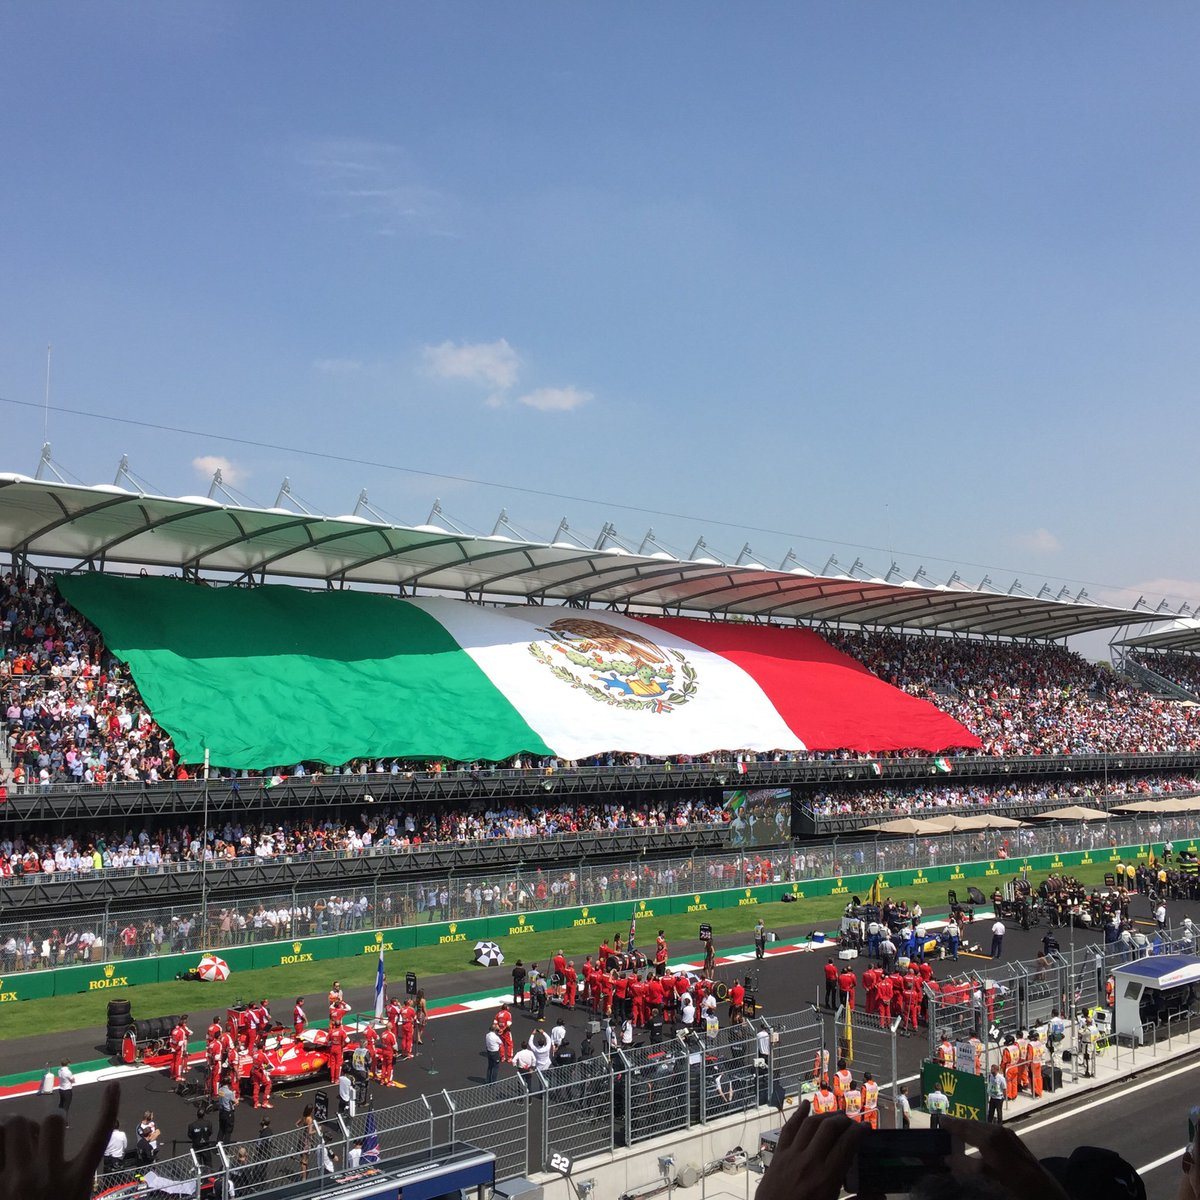 ¡Viva México! #F1 #GPMexico #ilovemexico #RedBullUndercover (vía @memorojas15 ) https://t.co/zJA9xQYoao